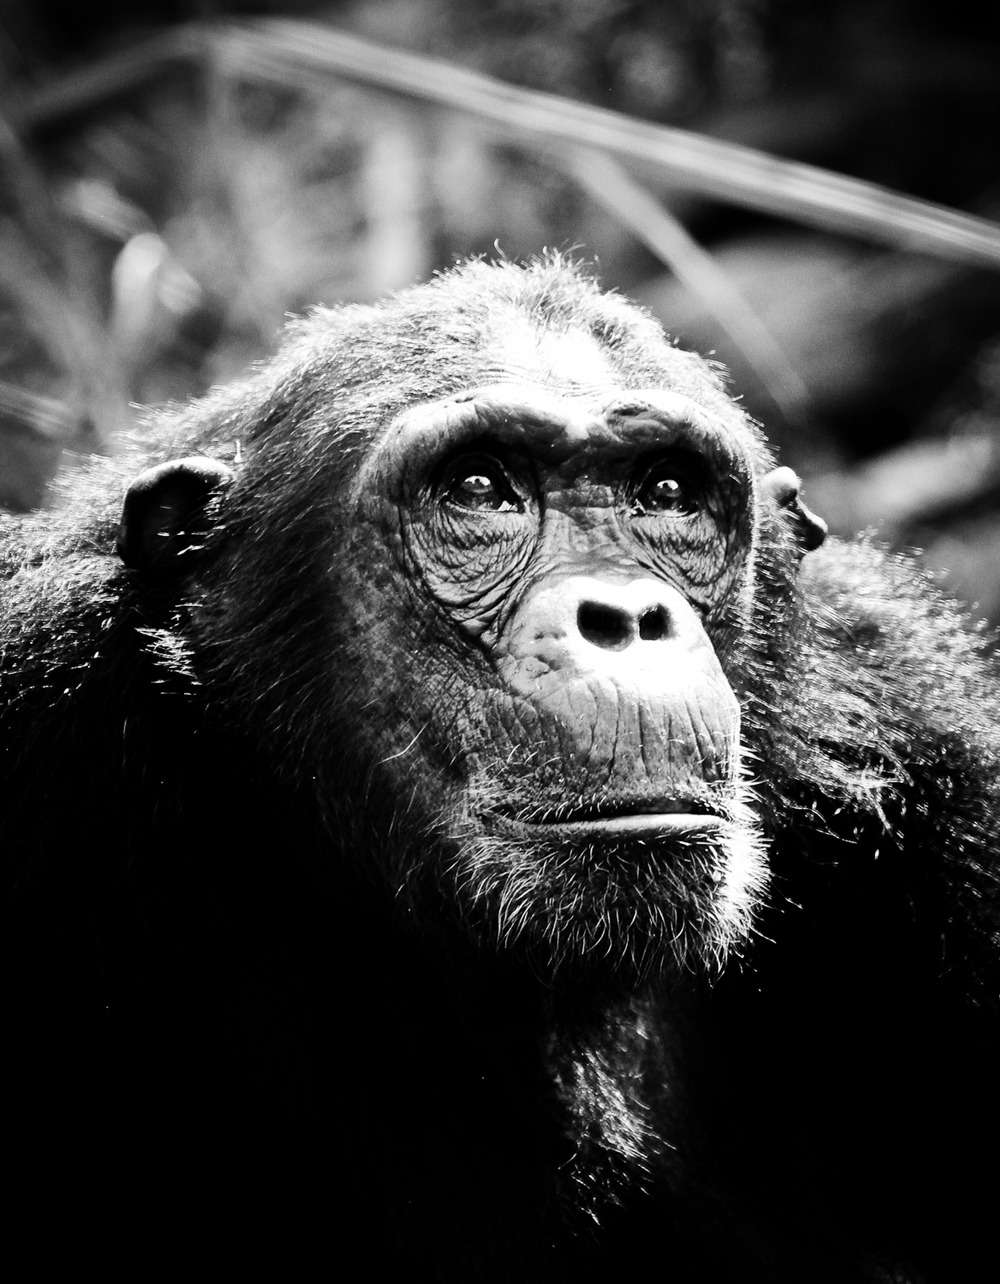 chimp-9803.jpg